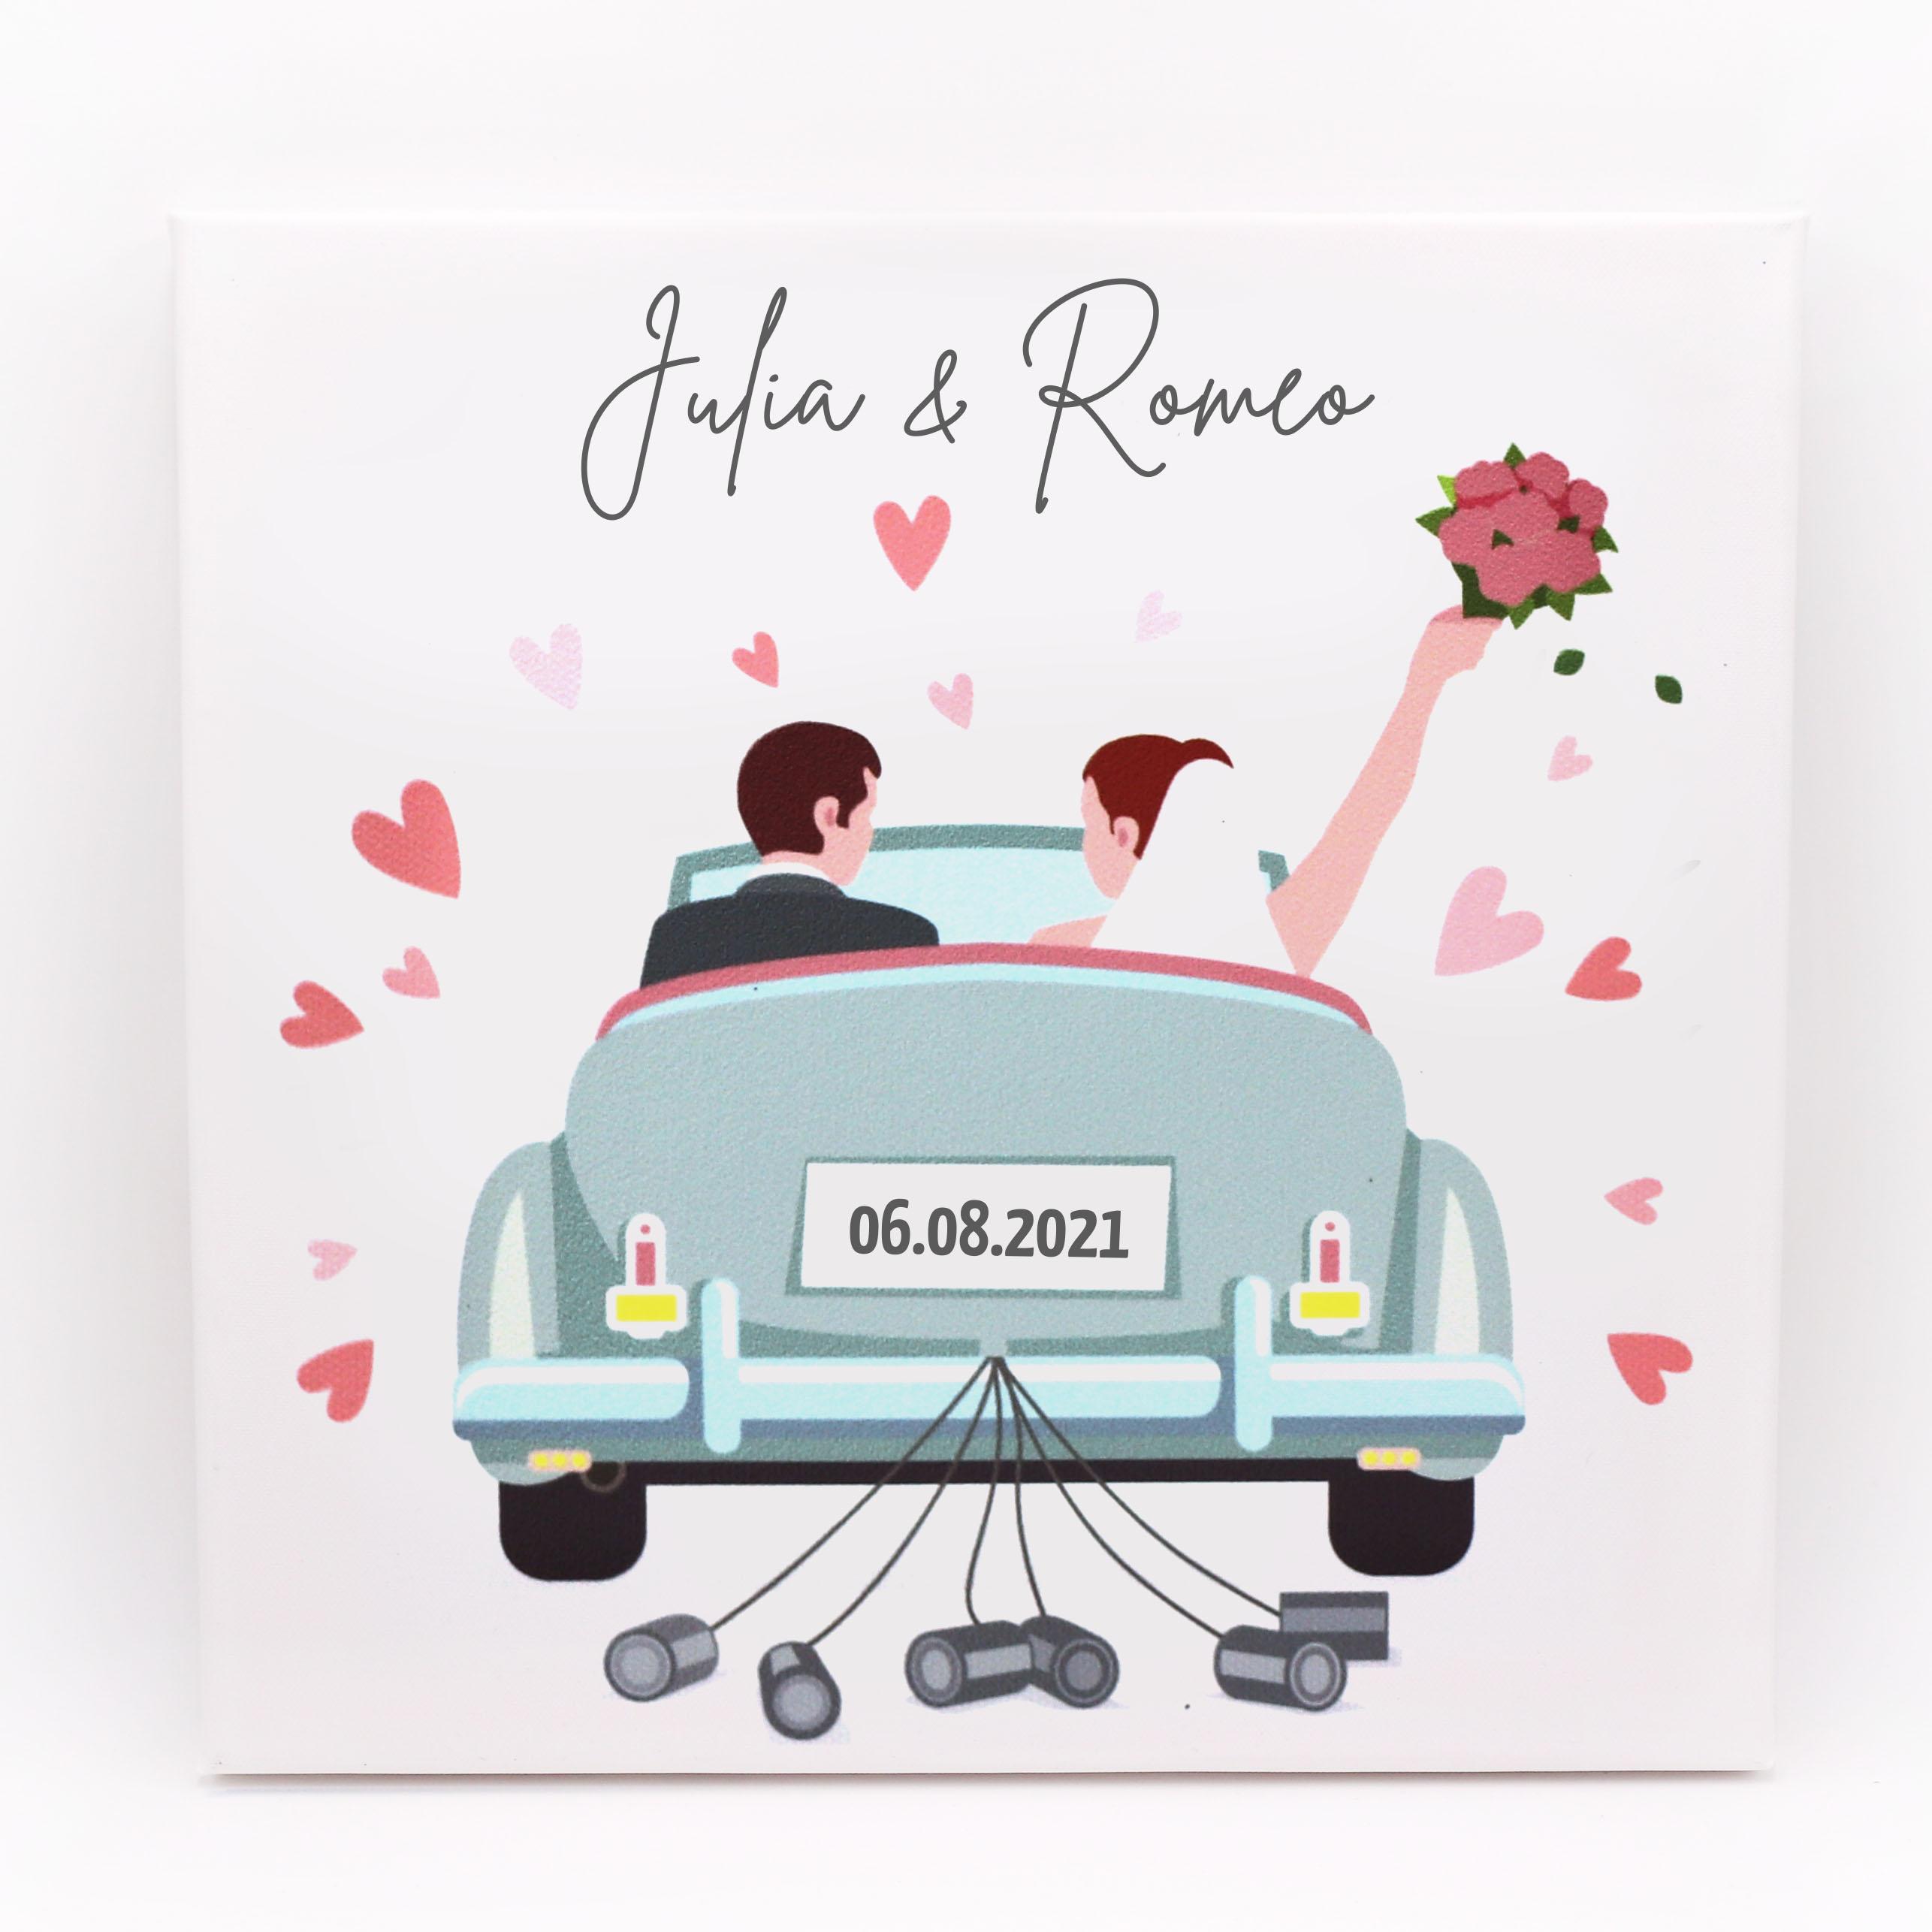 Personalisiertes Hochzeitsgeschenk - Leinwand mit Hochzeitsauto, Namen des Brautpaars und Hochzeitsdatum - geeignet als Geldgeschenk